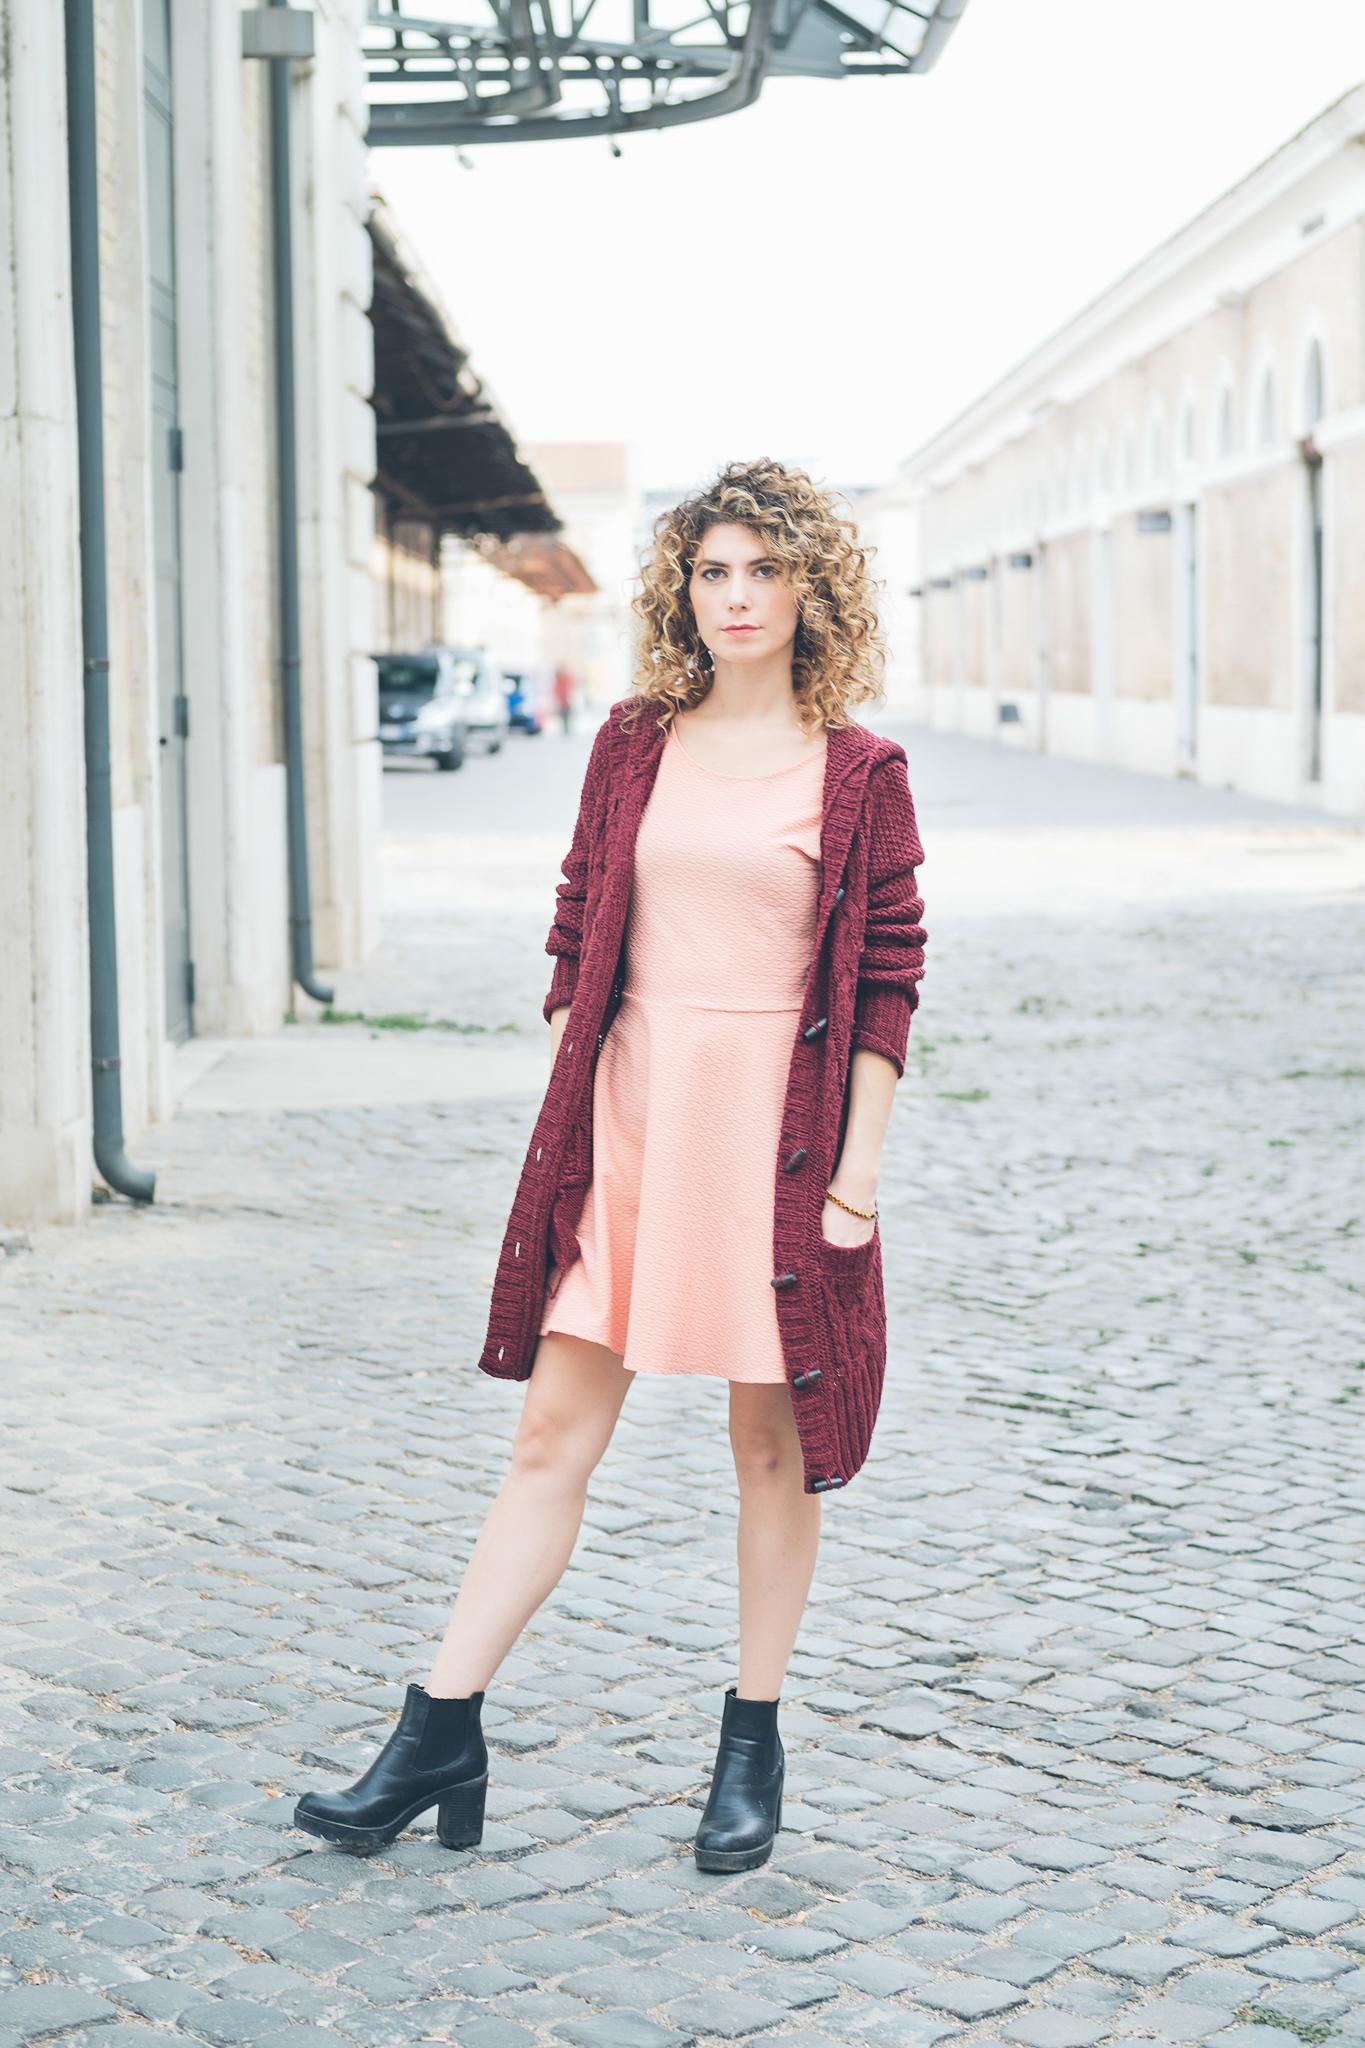 Ritratti_Silvia Quondam (5)